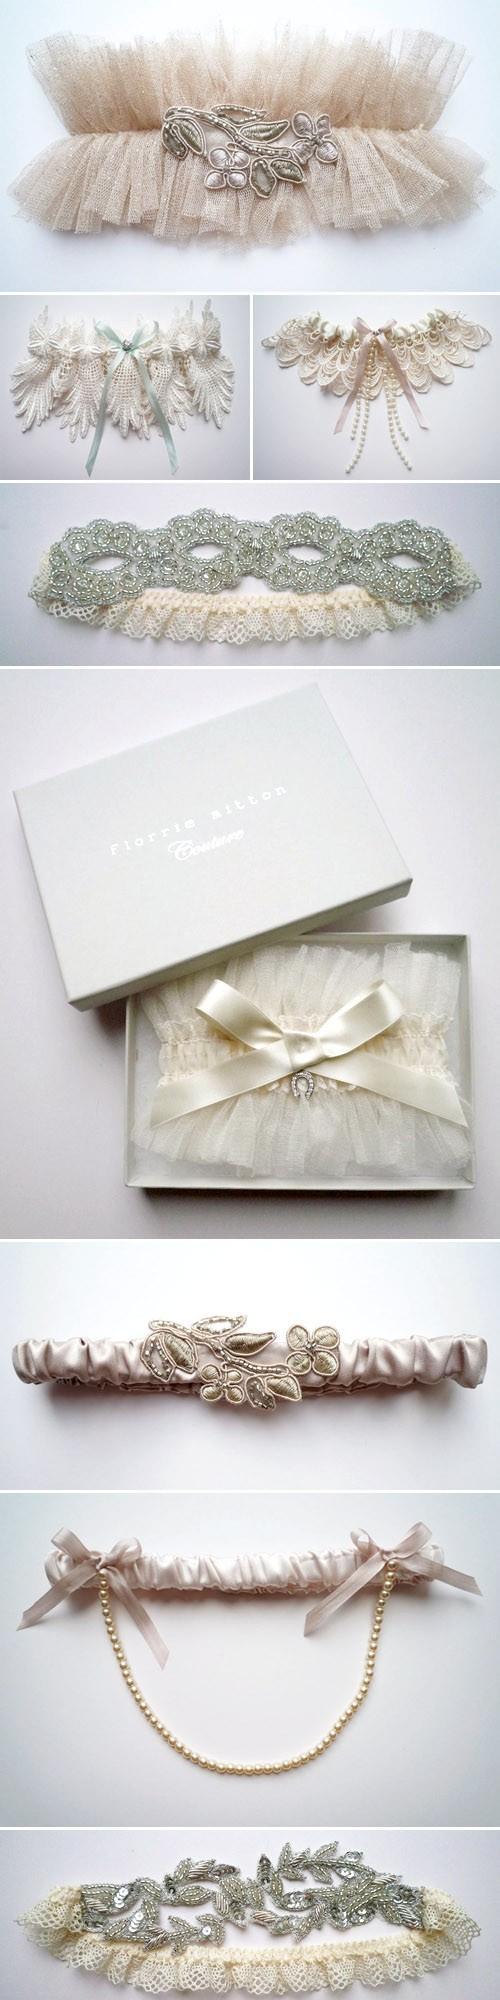 Hochzeit - Sexy Hochzeit Strumpfbänder